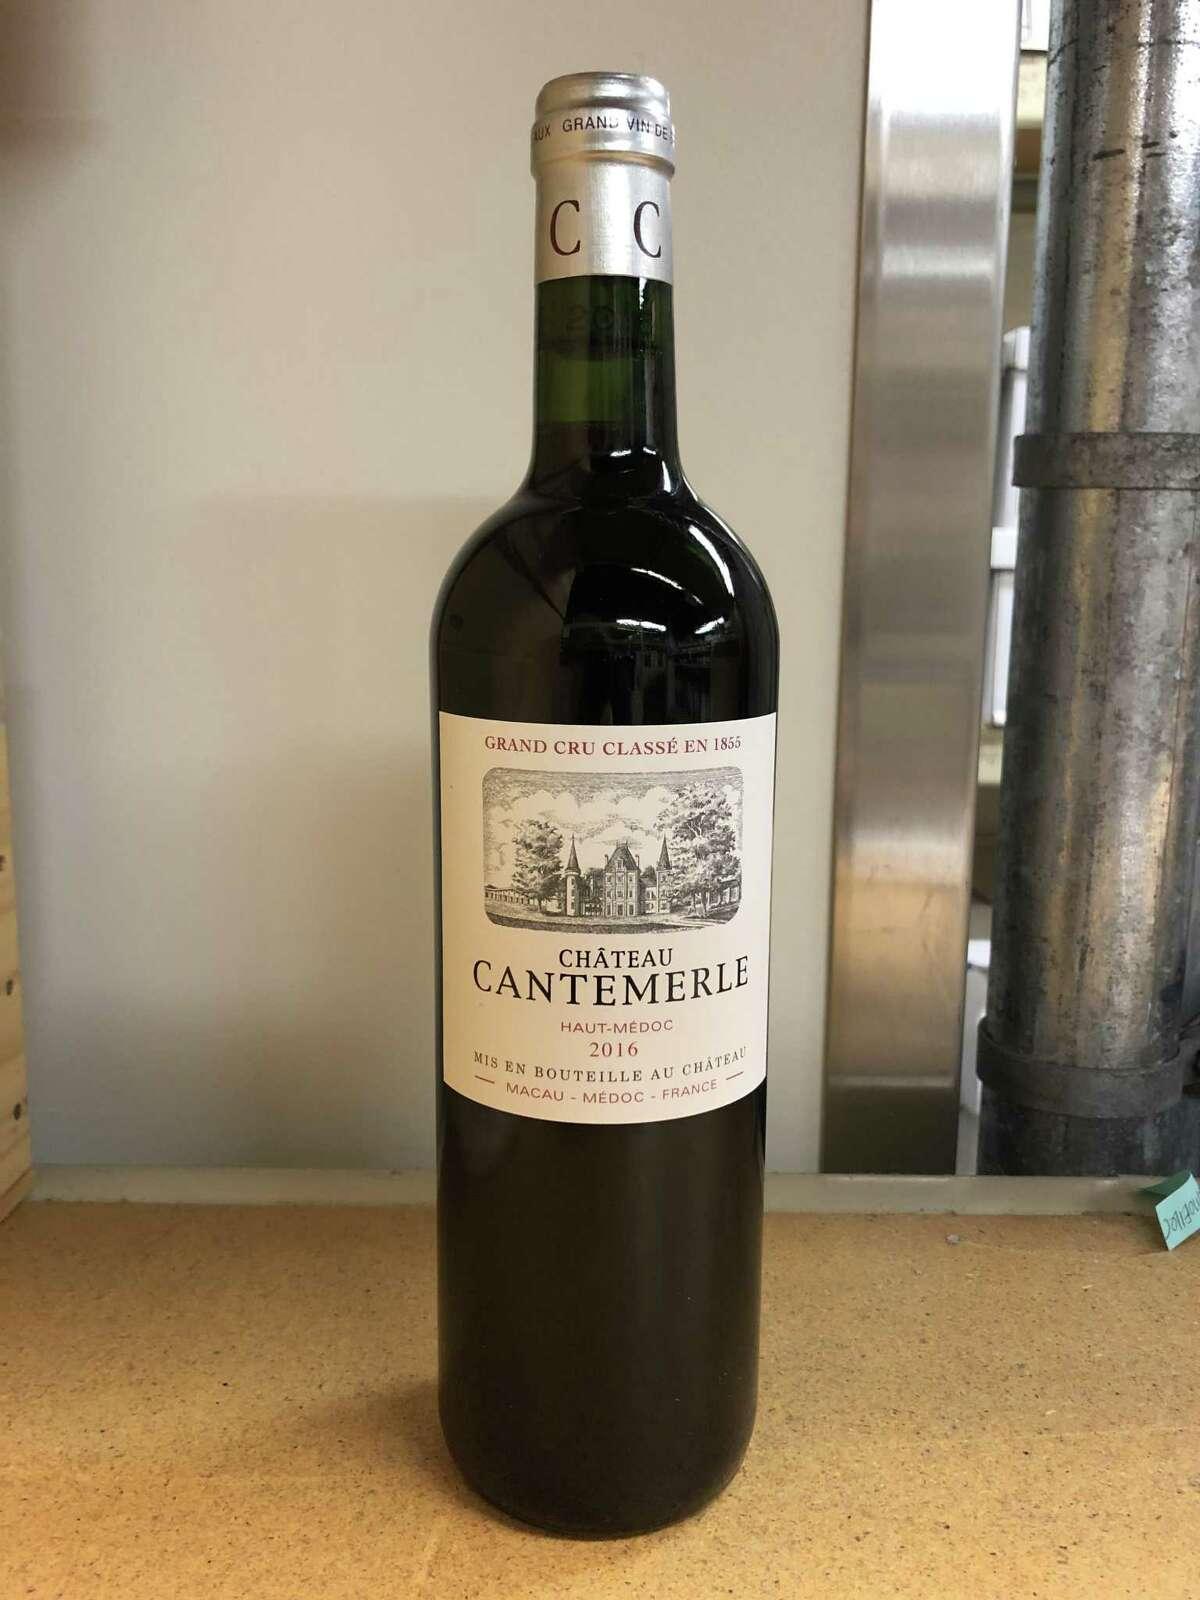 2016 Château Cantemerle (Haut-Medoc)